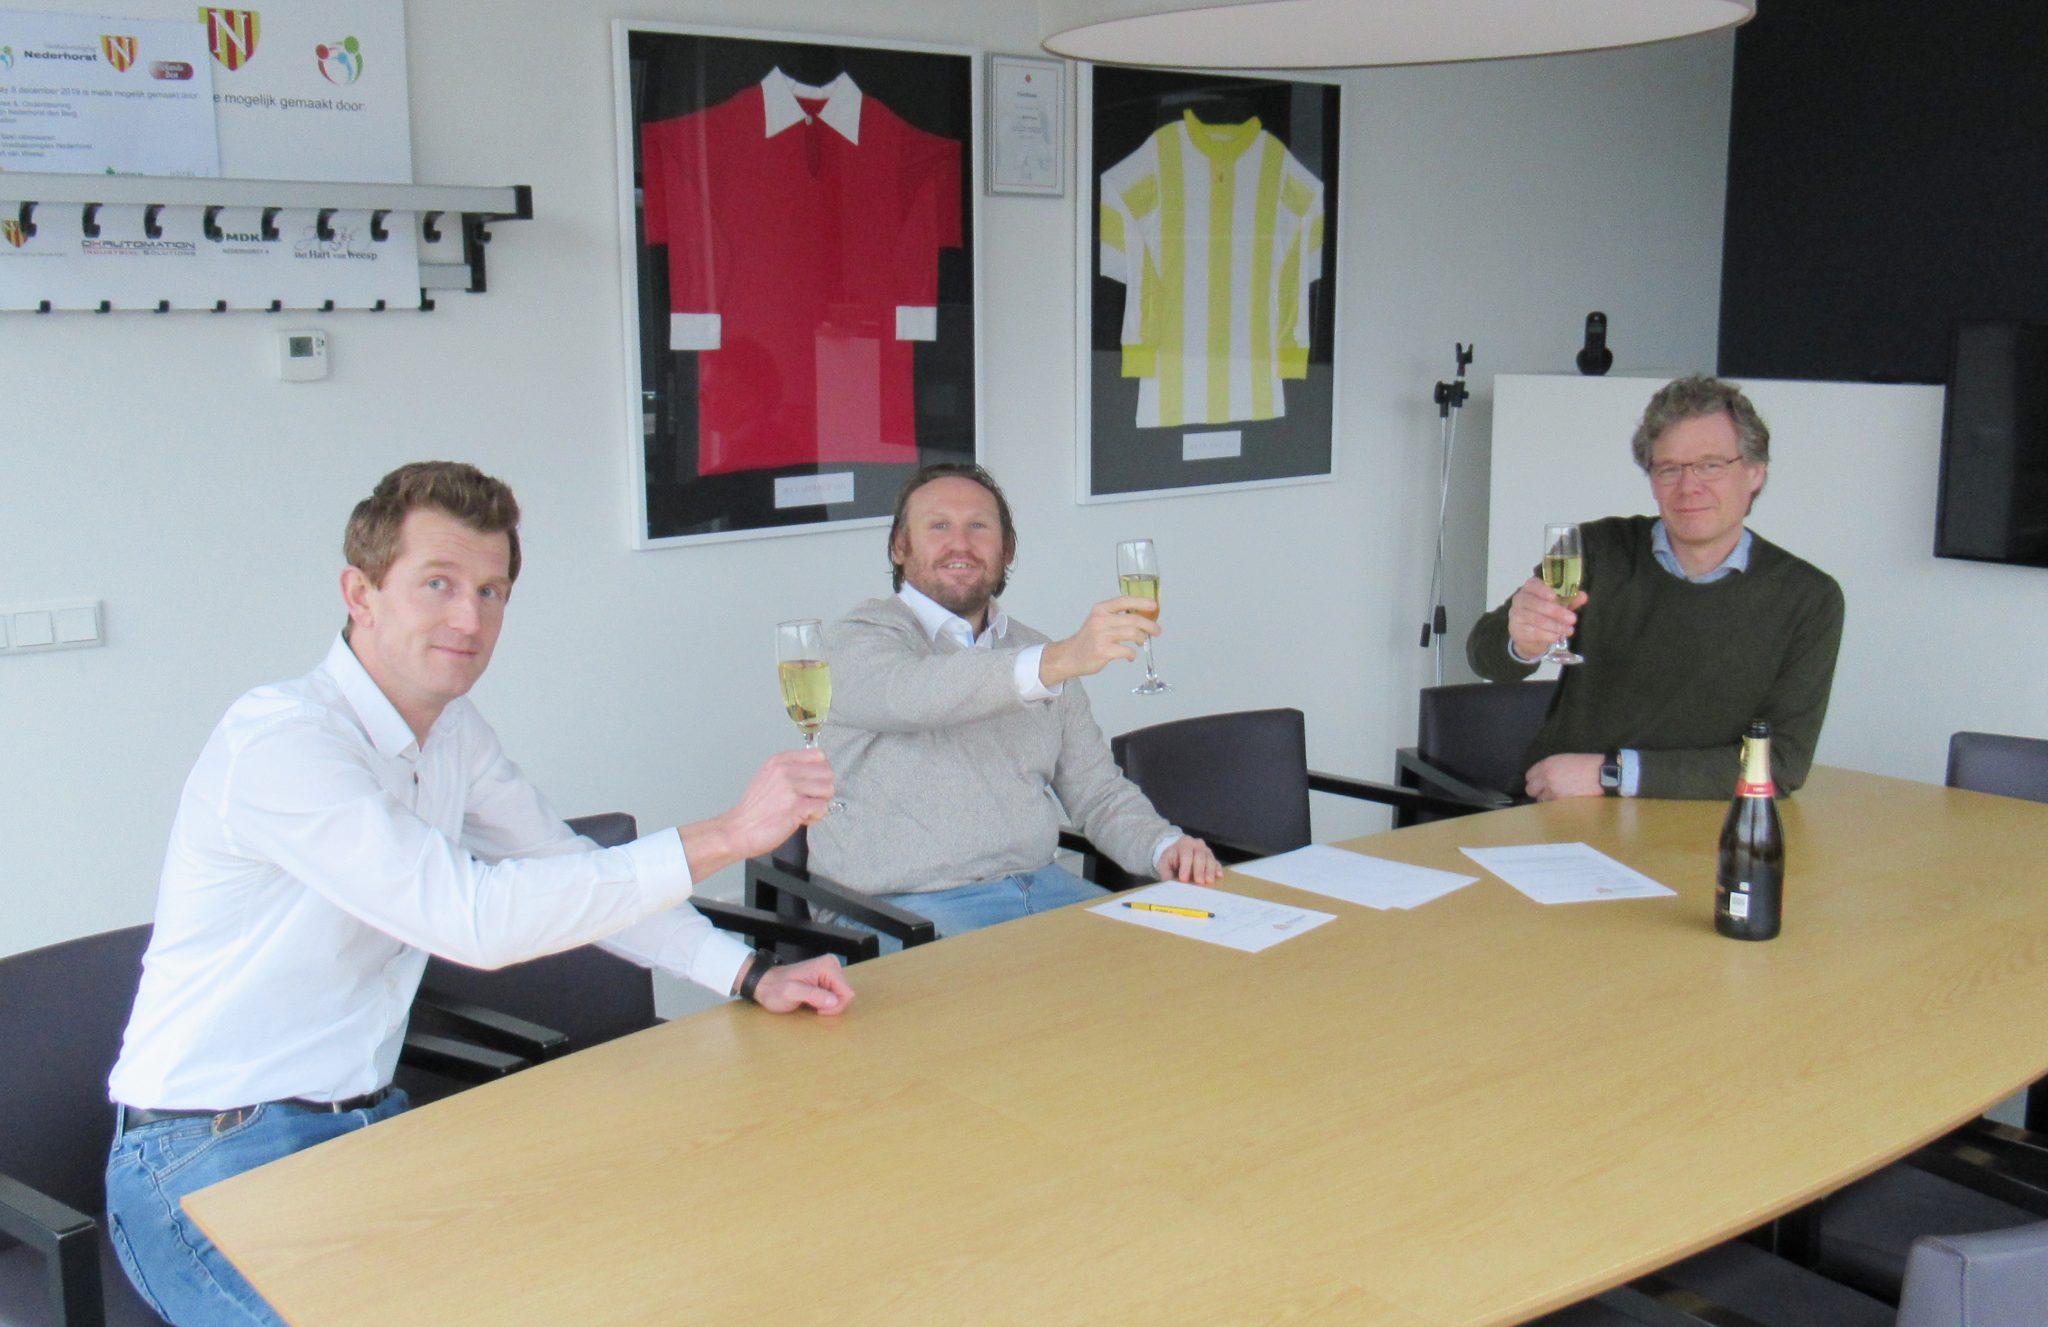 Remco Sint verlengt contract bij Voetbalvereniging Nederhorst